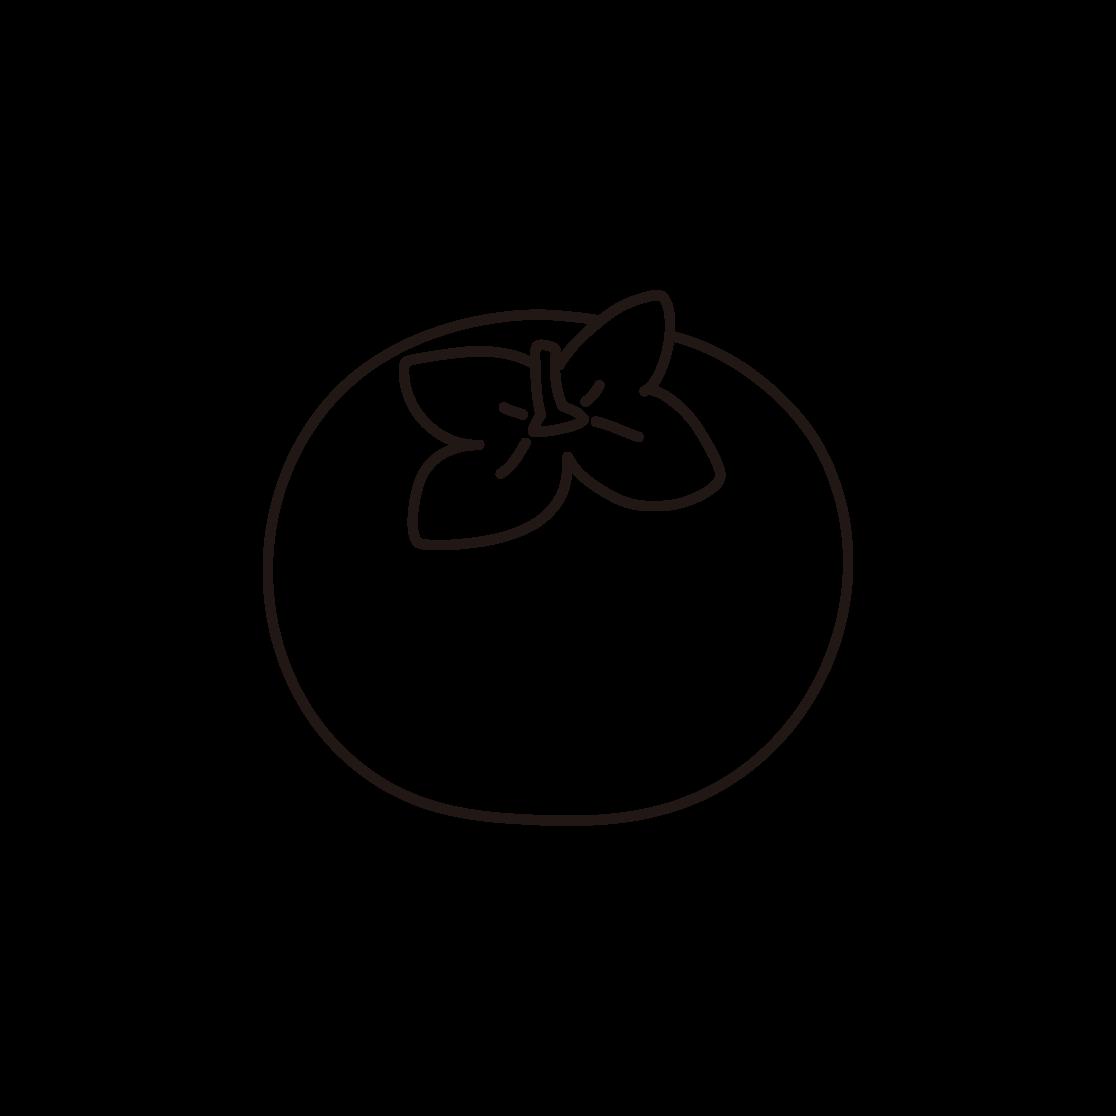 柿の線画イラスト